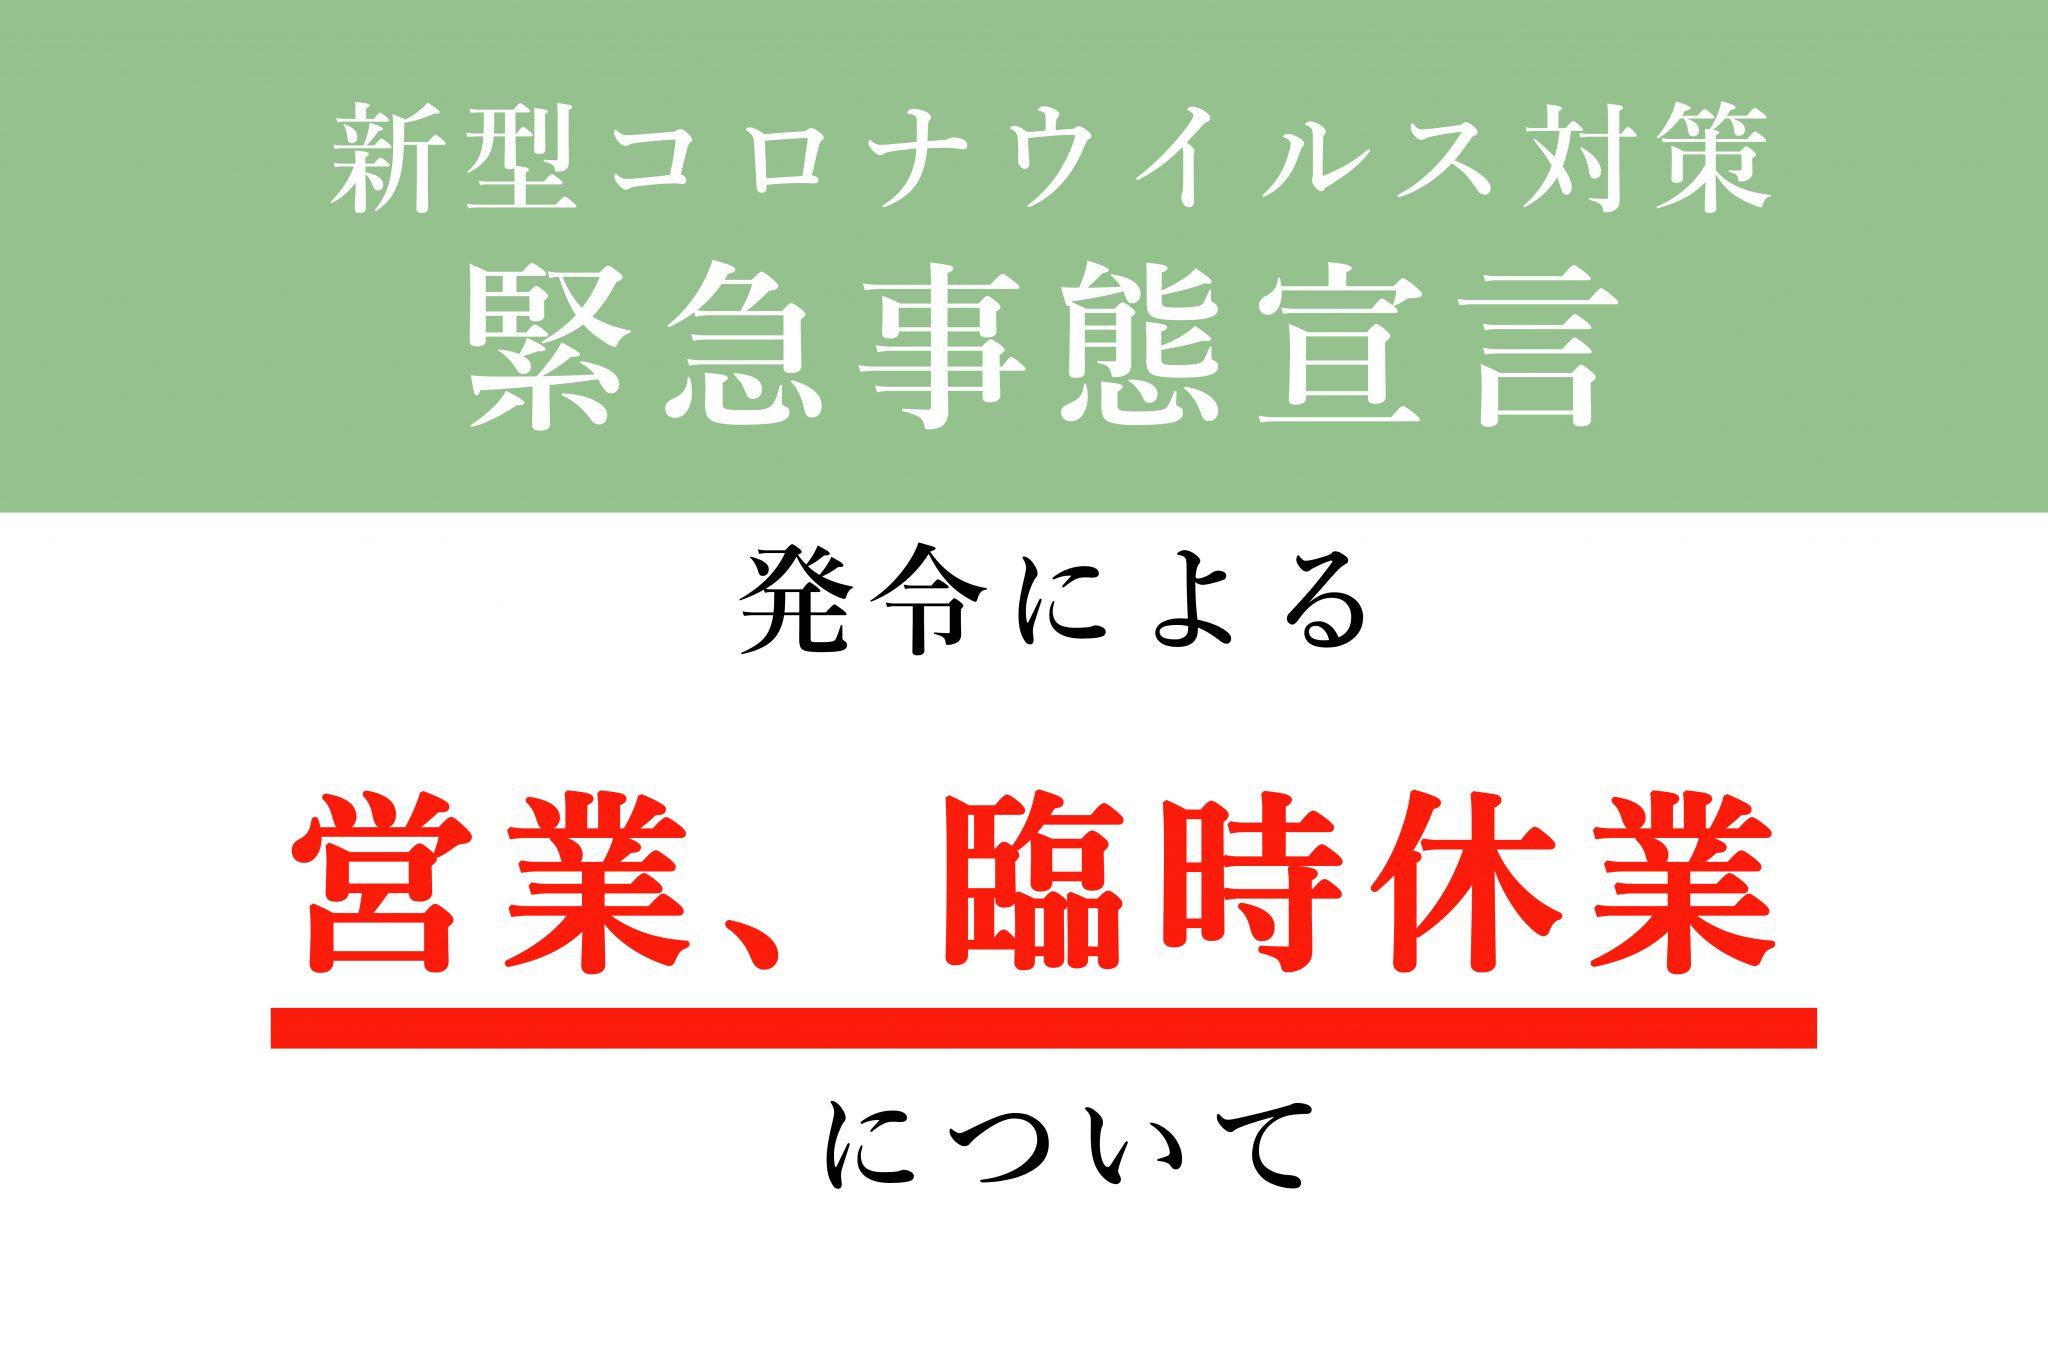 【コロナウイルス緊急事態宣言】に伴う営業について